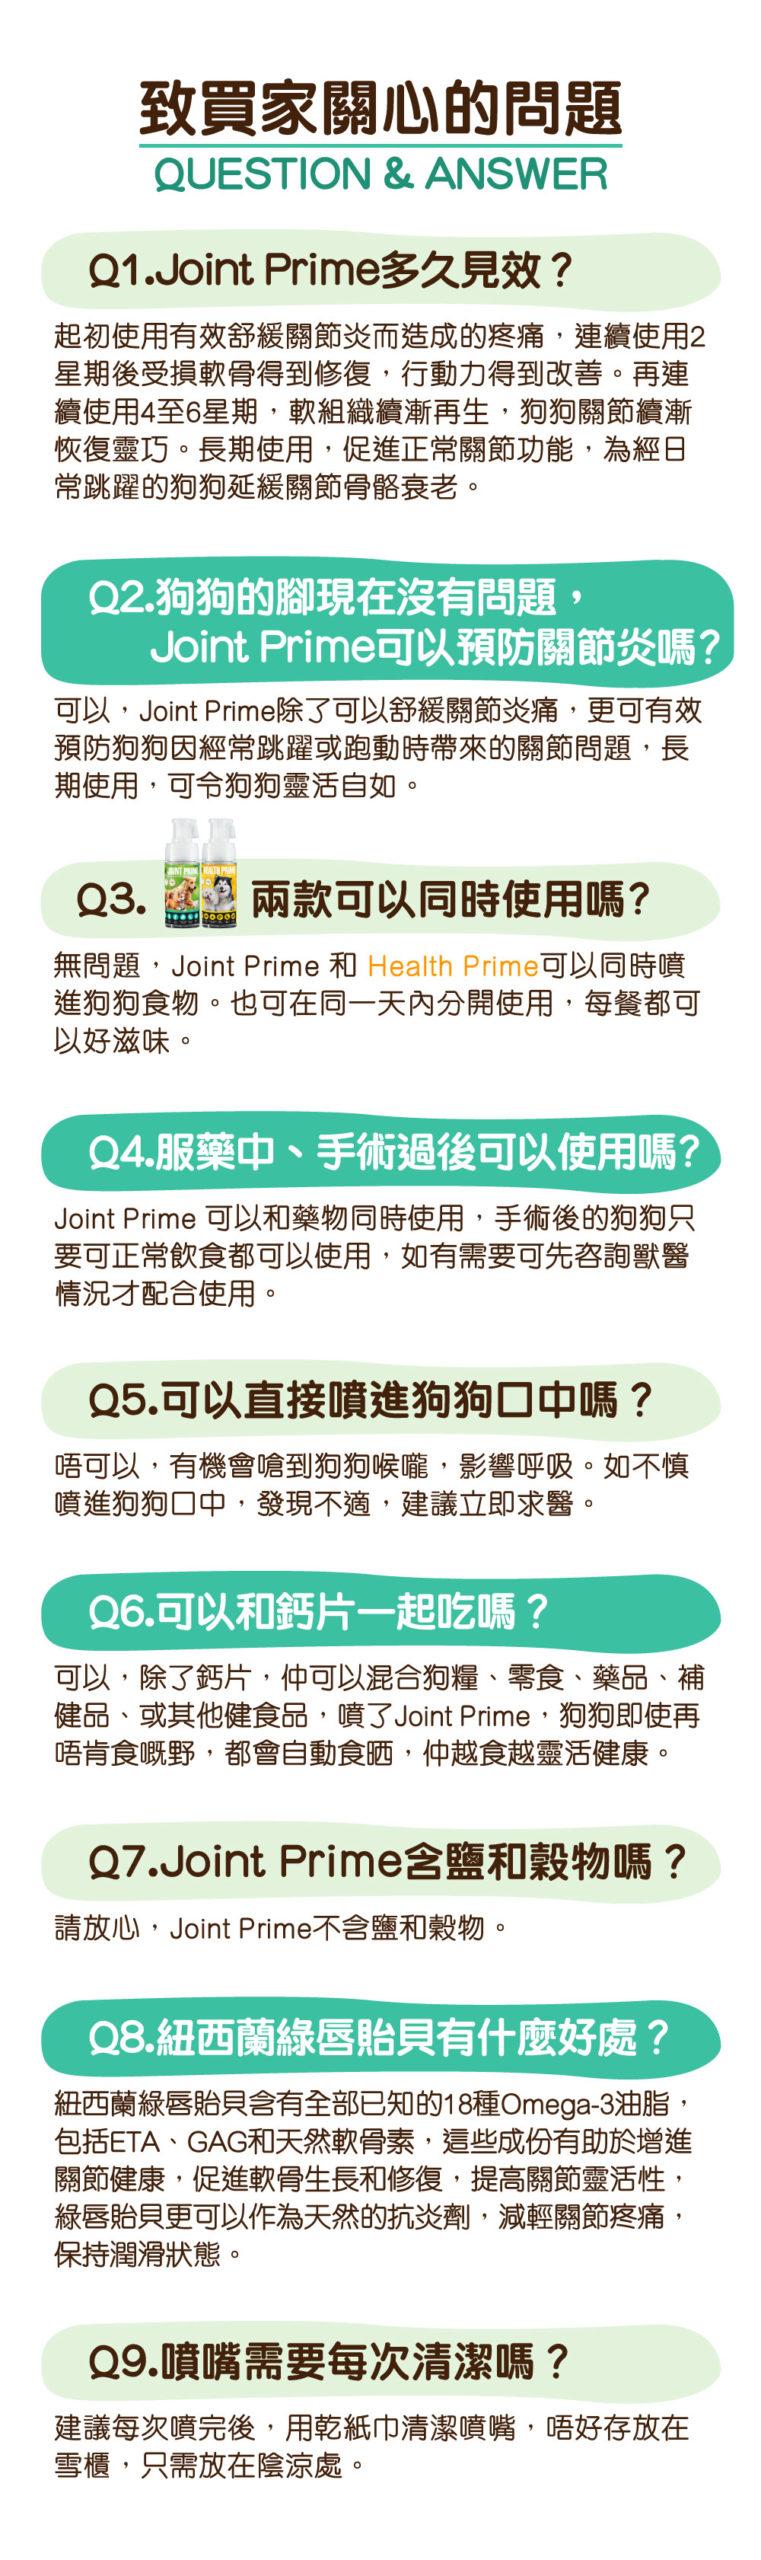 Pet Pet Premier, Joint Prime, Health Prime, 狗狗神仙粉, 關節神仙粉, 狗保健品 Q&A